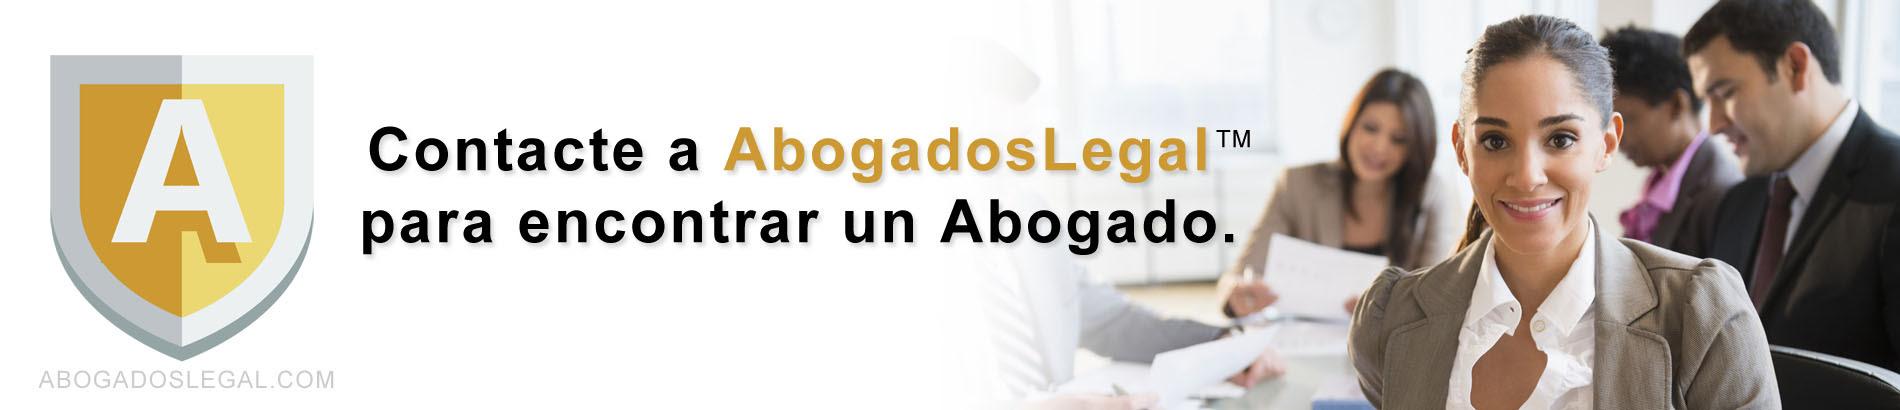 Abogados que Hablan Español USA Estados Unidos Guia